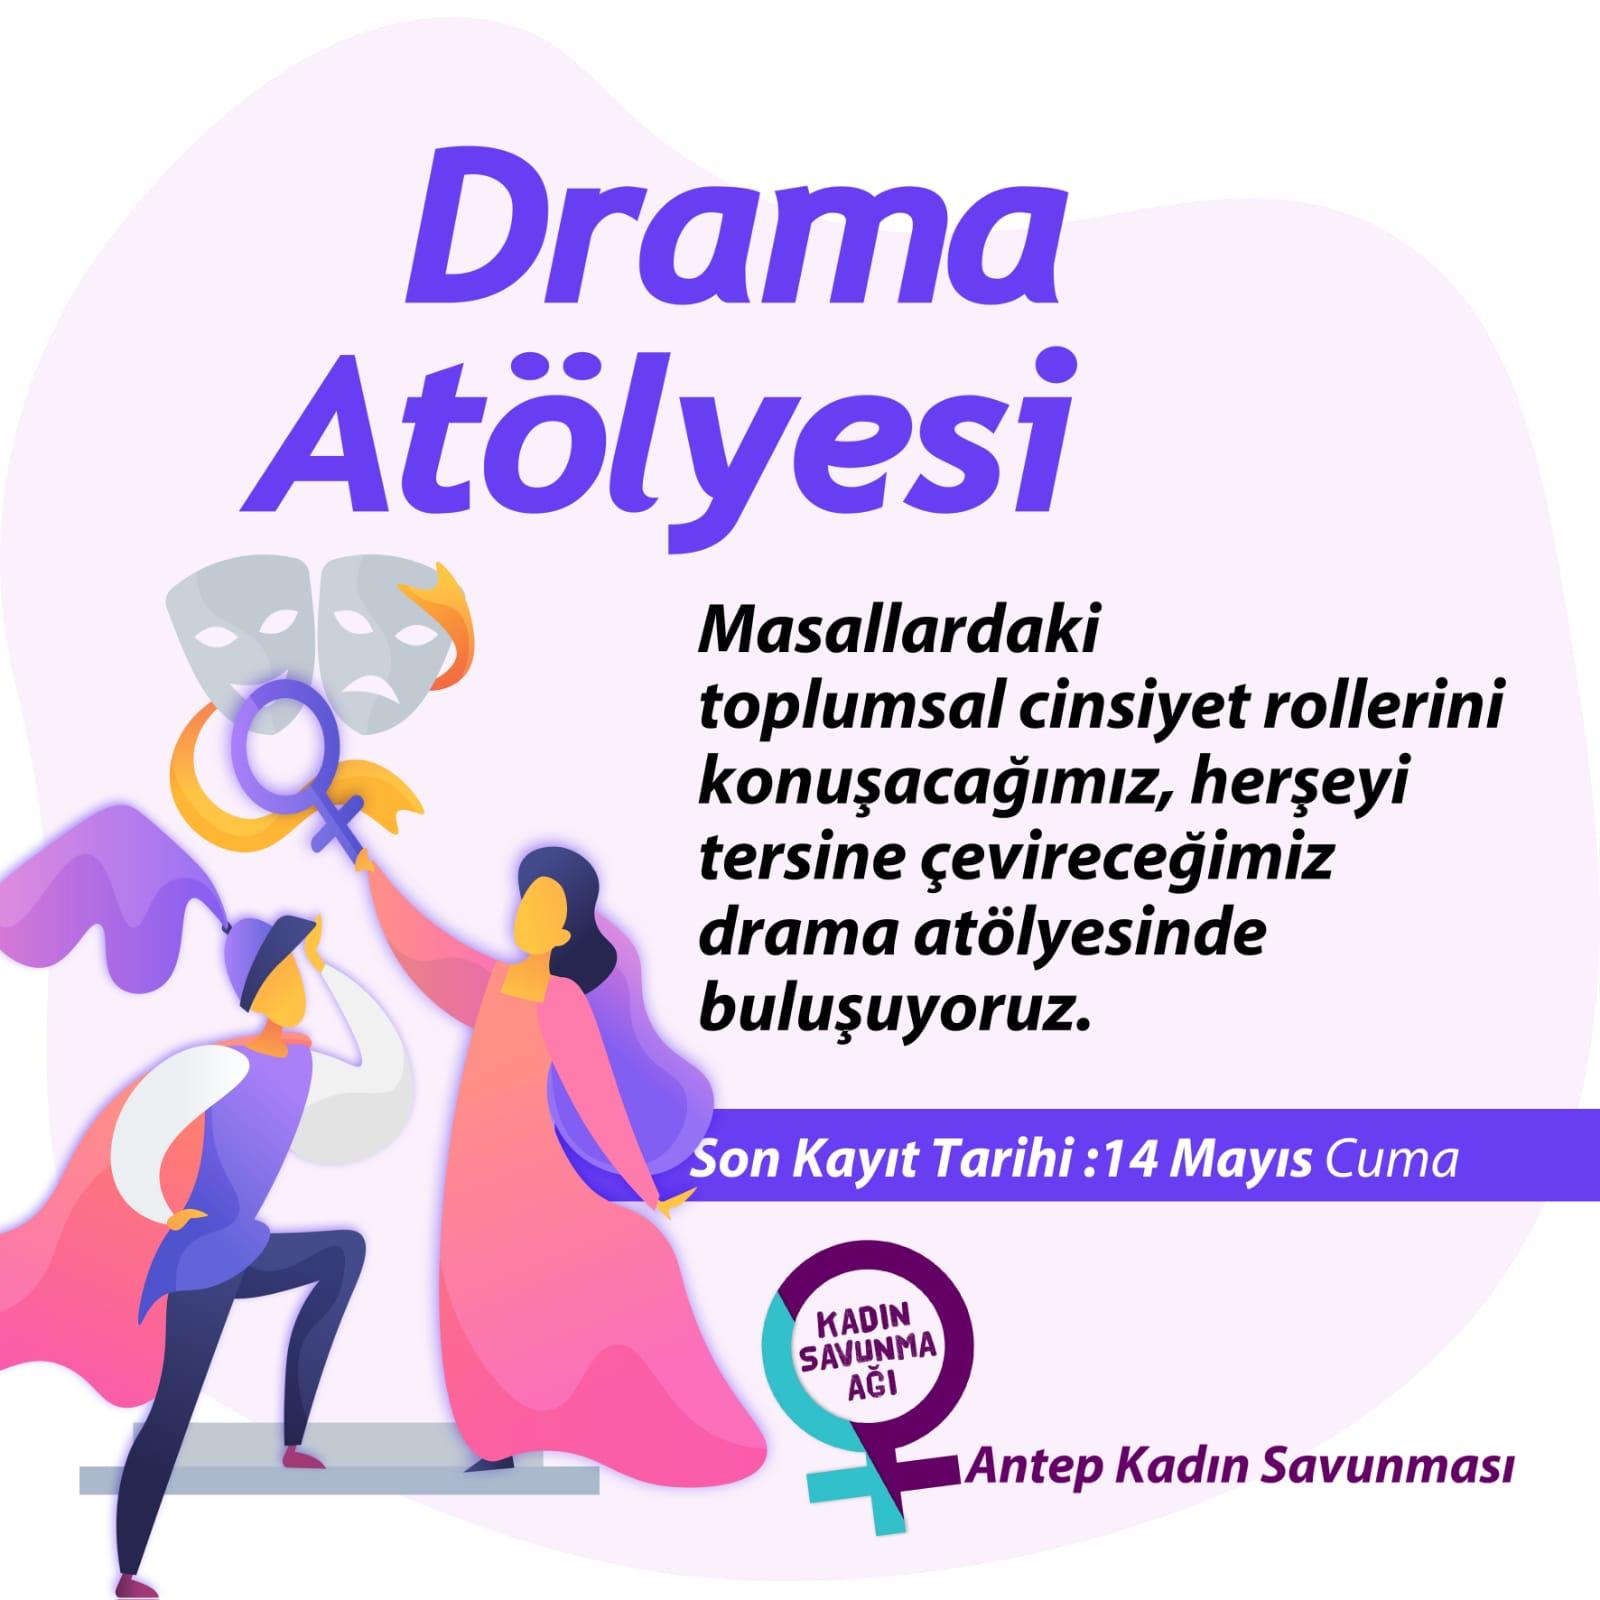 Antep Kadın Savunması: Drama Atölyesi'nde buluşuyoruz